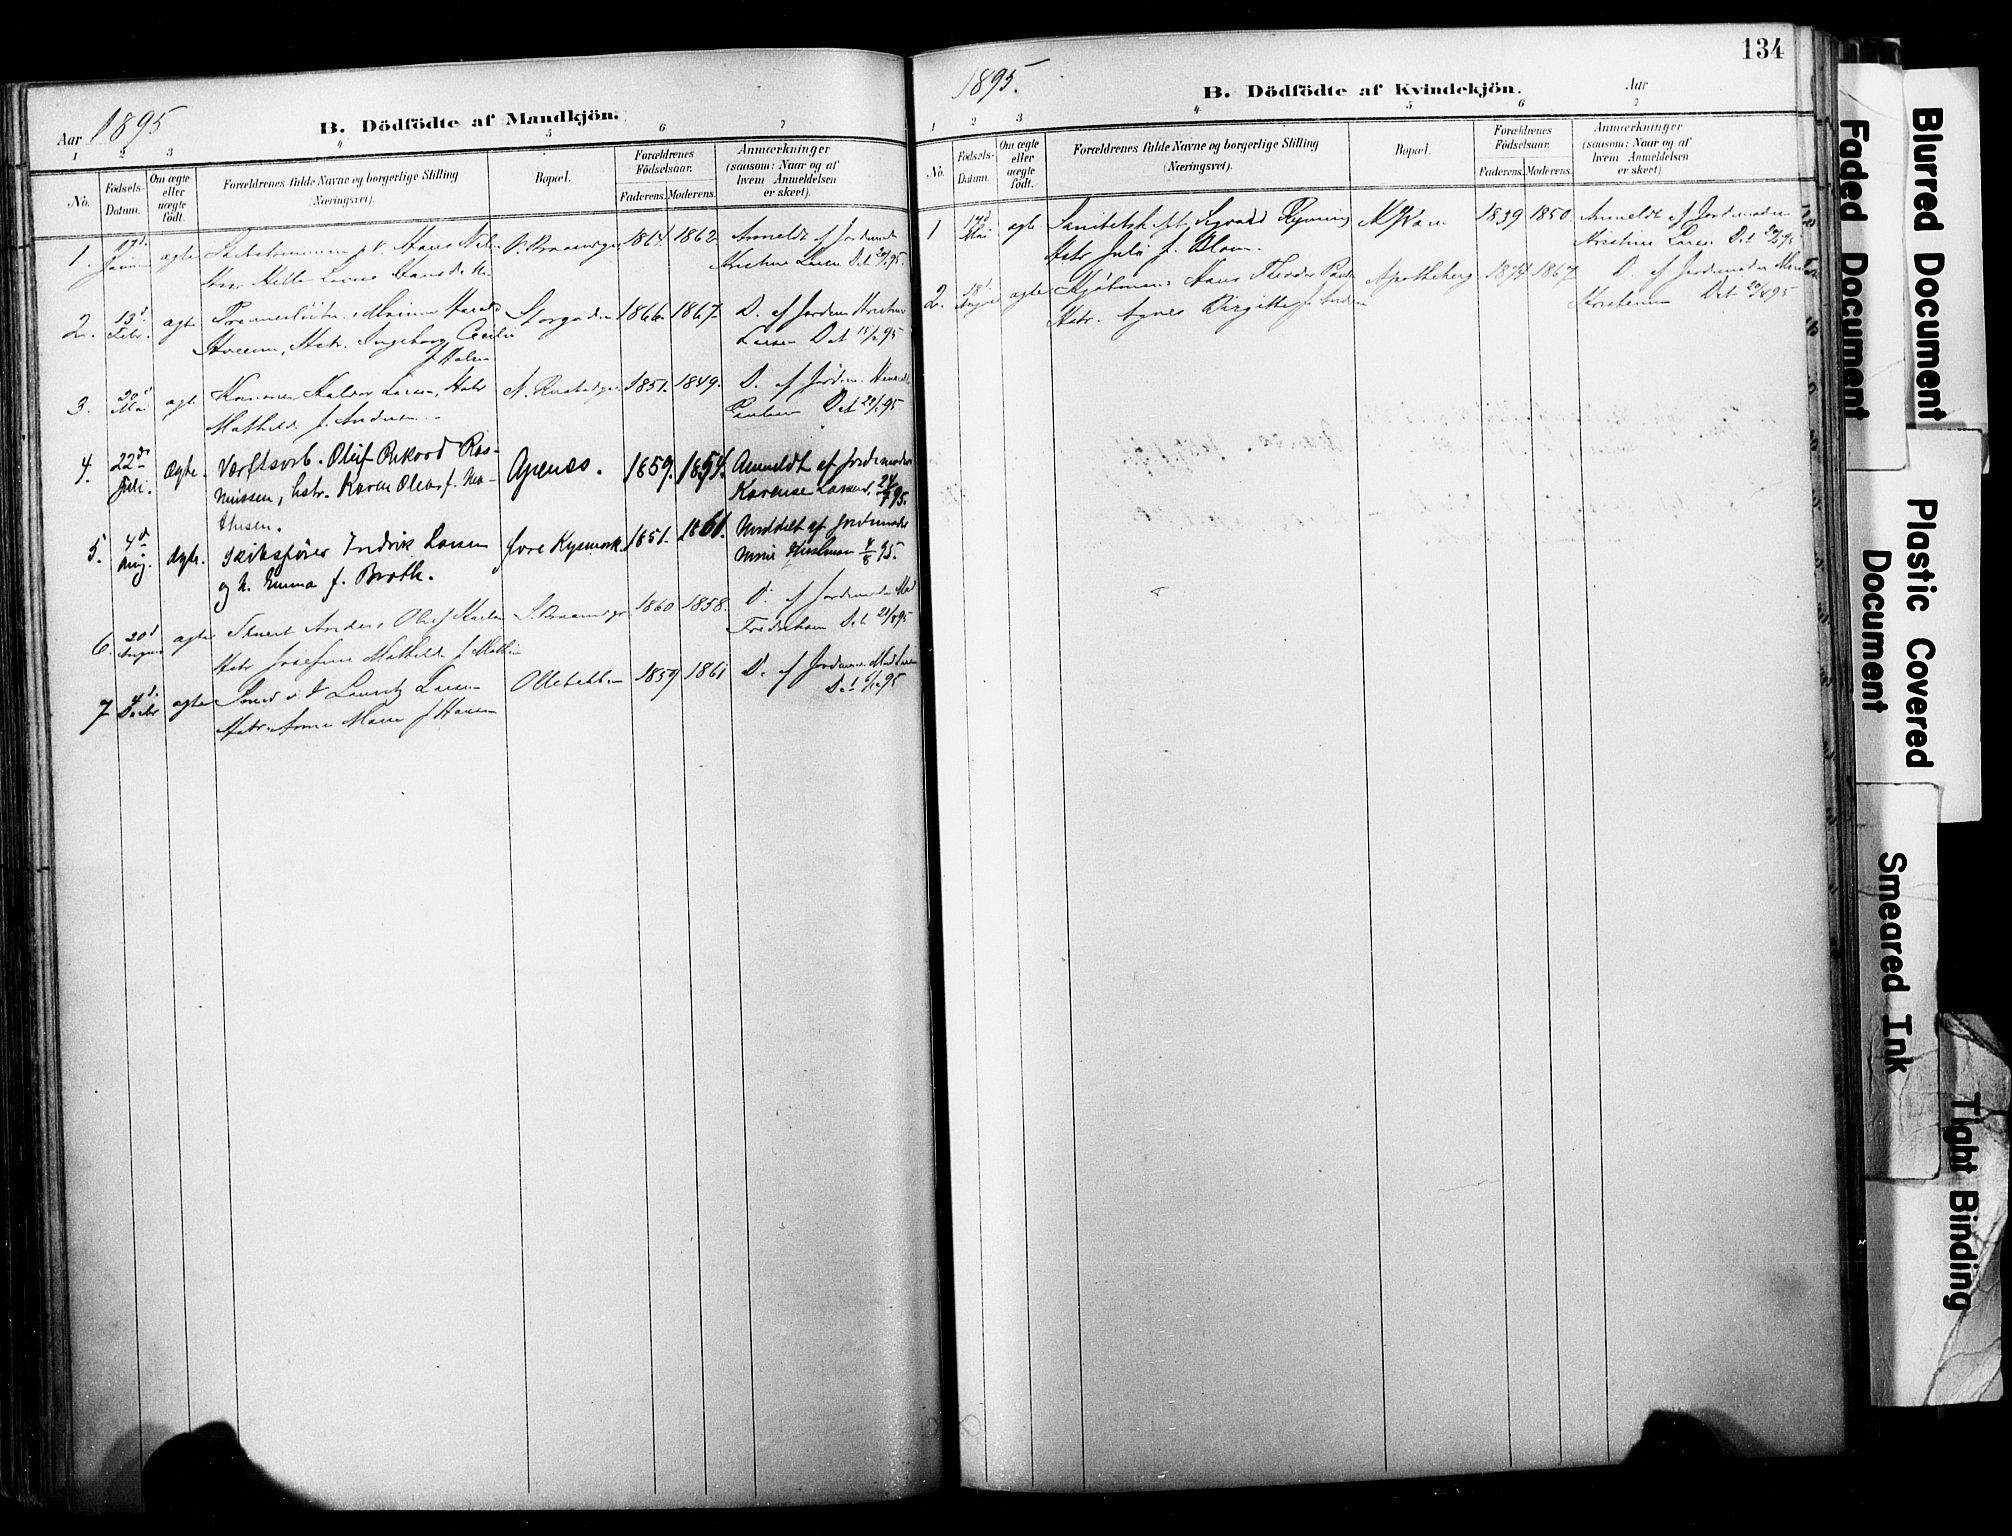 SAKO, Horten kirkebøker, F/Fa/L0004: Ministerialbok nr. 4, 1888-1895, s. 134